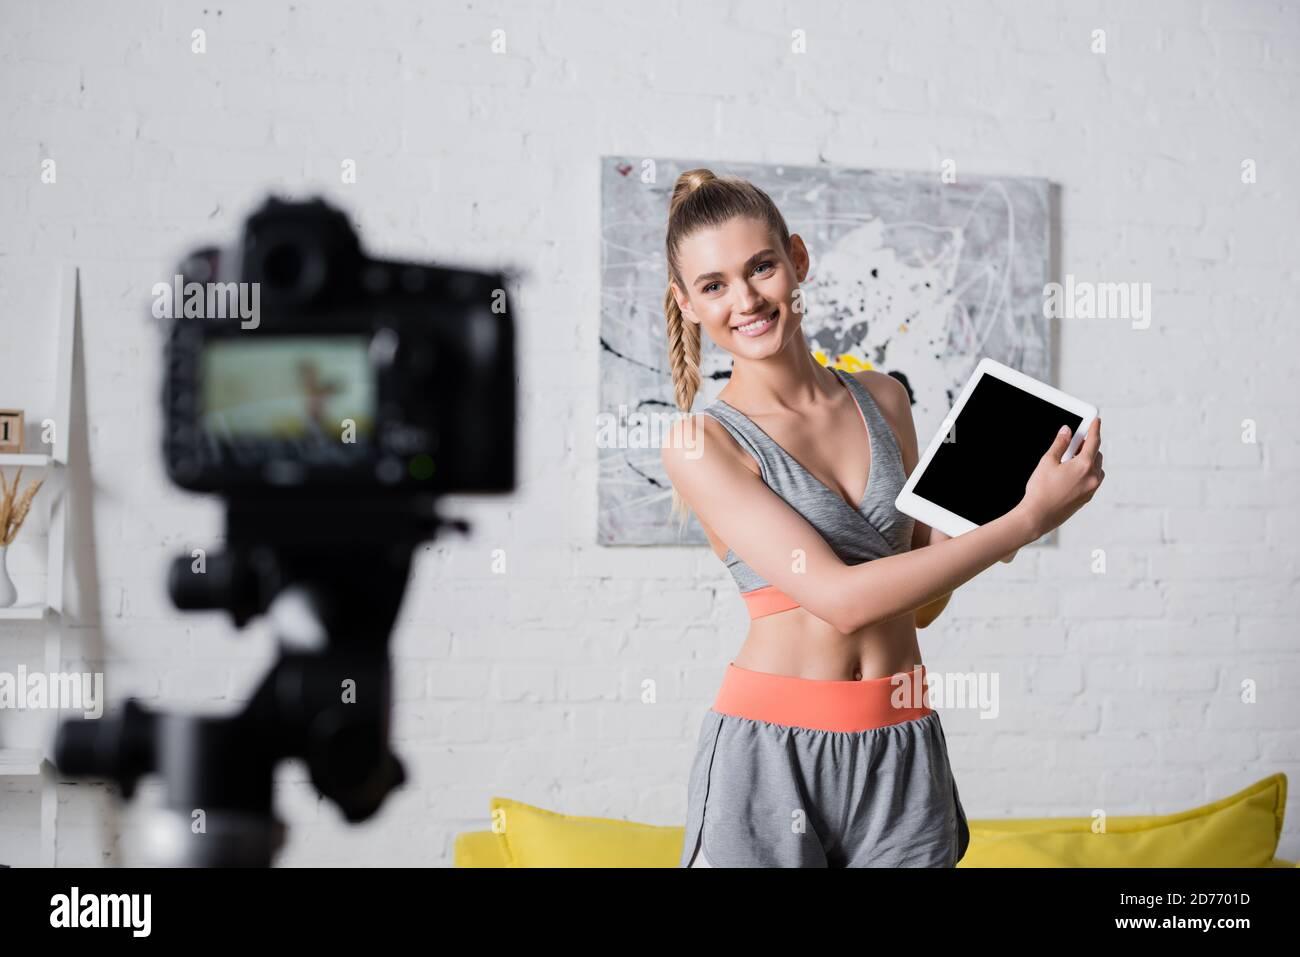 Mise au point sélective d'une tablette numérique positive sportswoman avec cache écran près de l'appareil photo numérique à la maison Banque D'Images